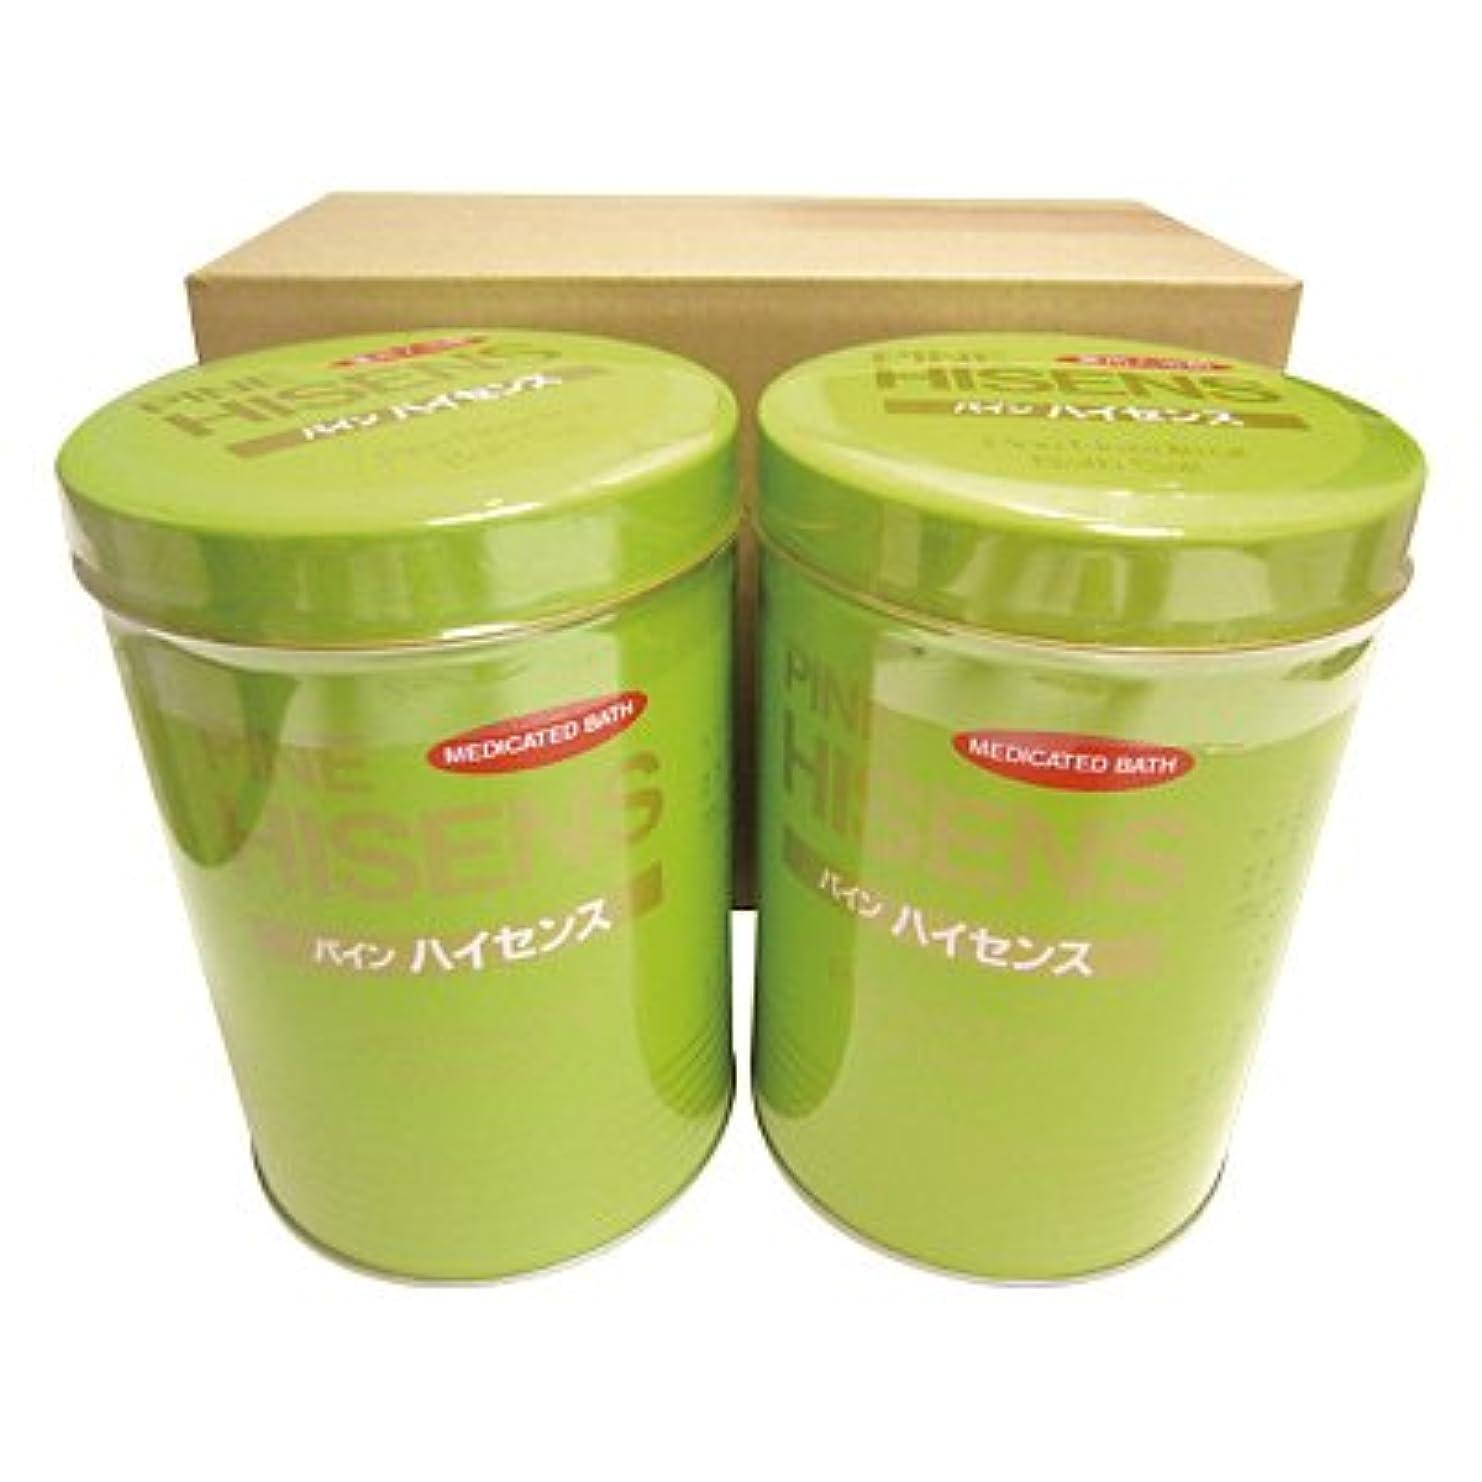 住人対応広まった高陽社 薬用入浴剤 パインハイセンス 2.1kg 2缶セット